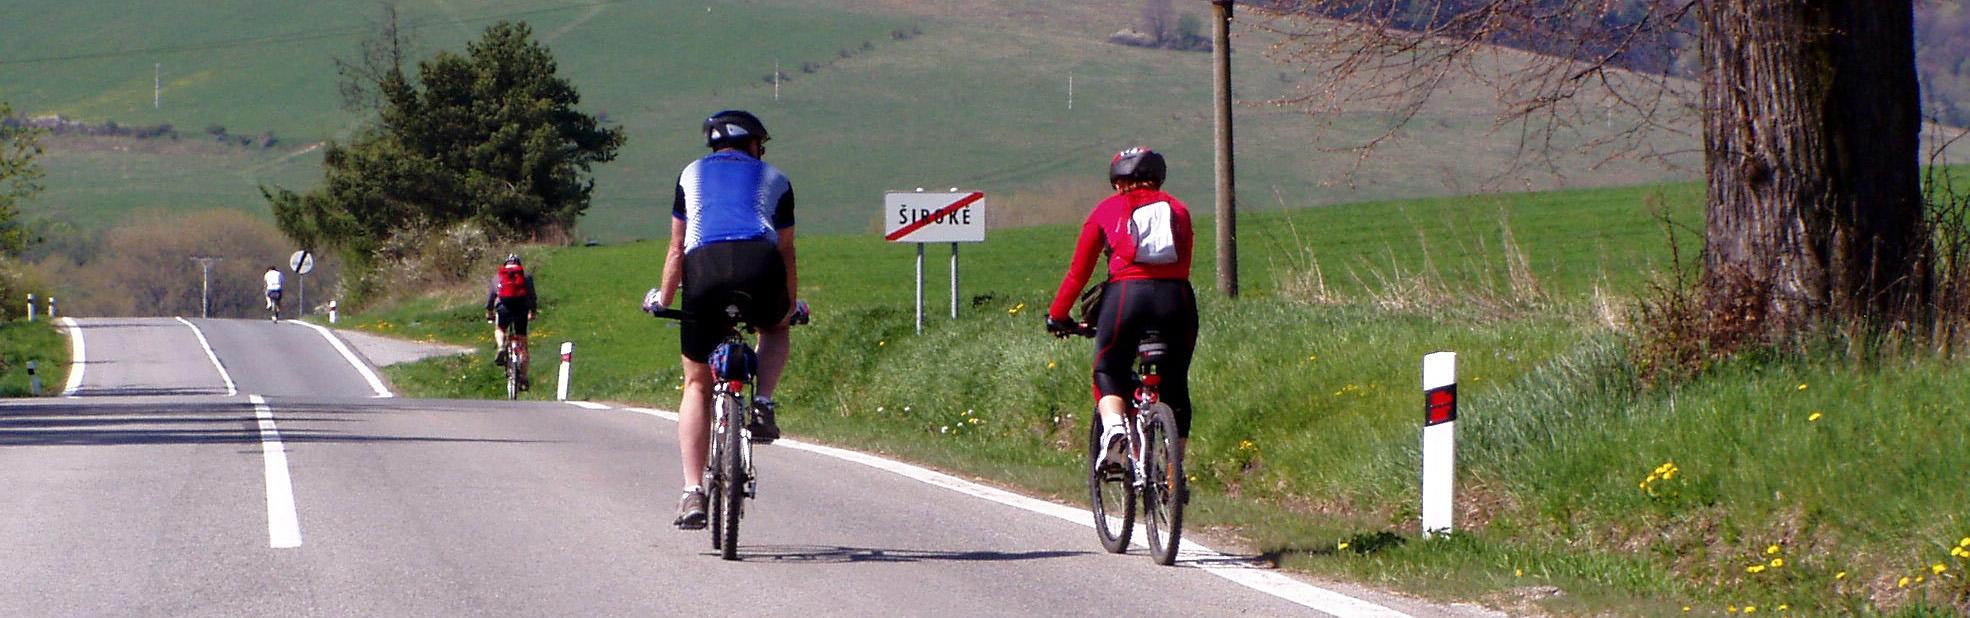 banner_branisko_2009.jpg